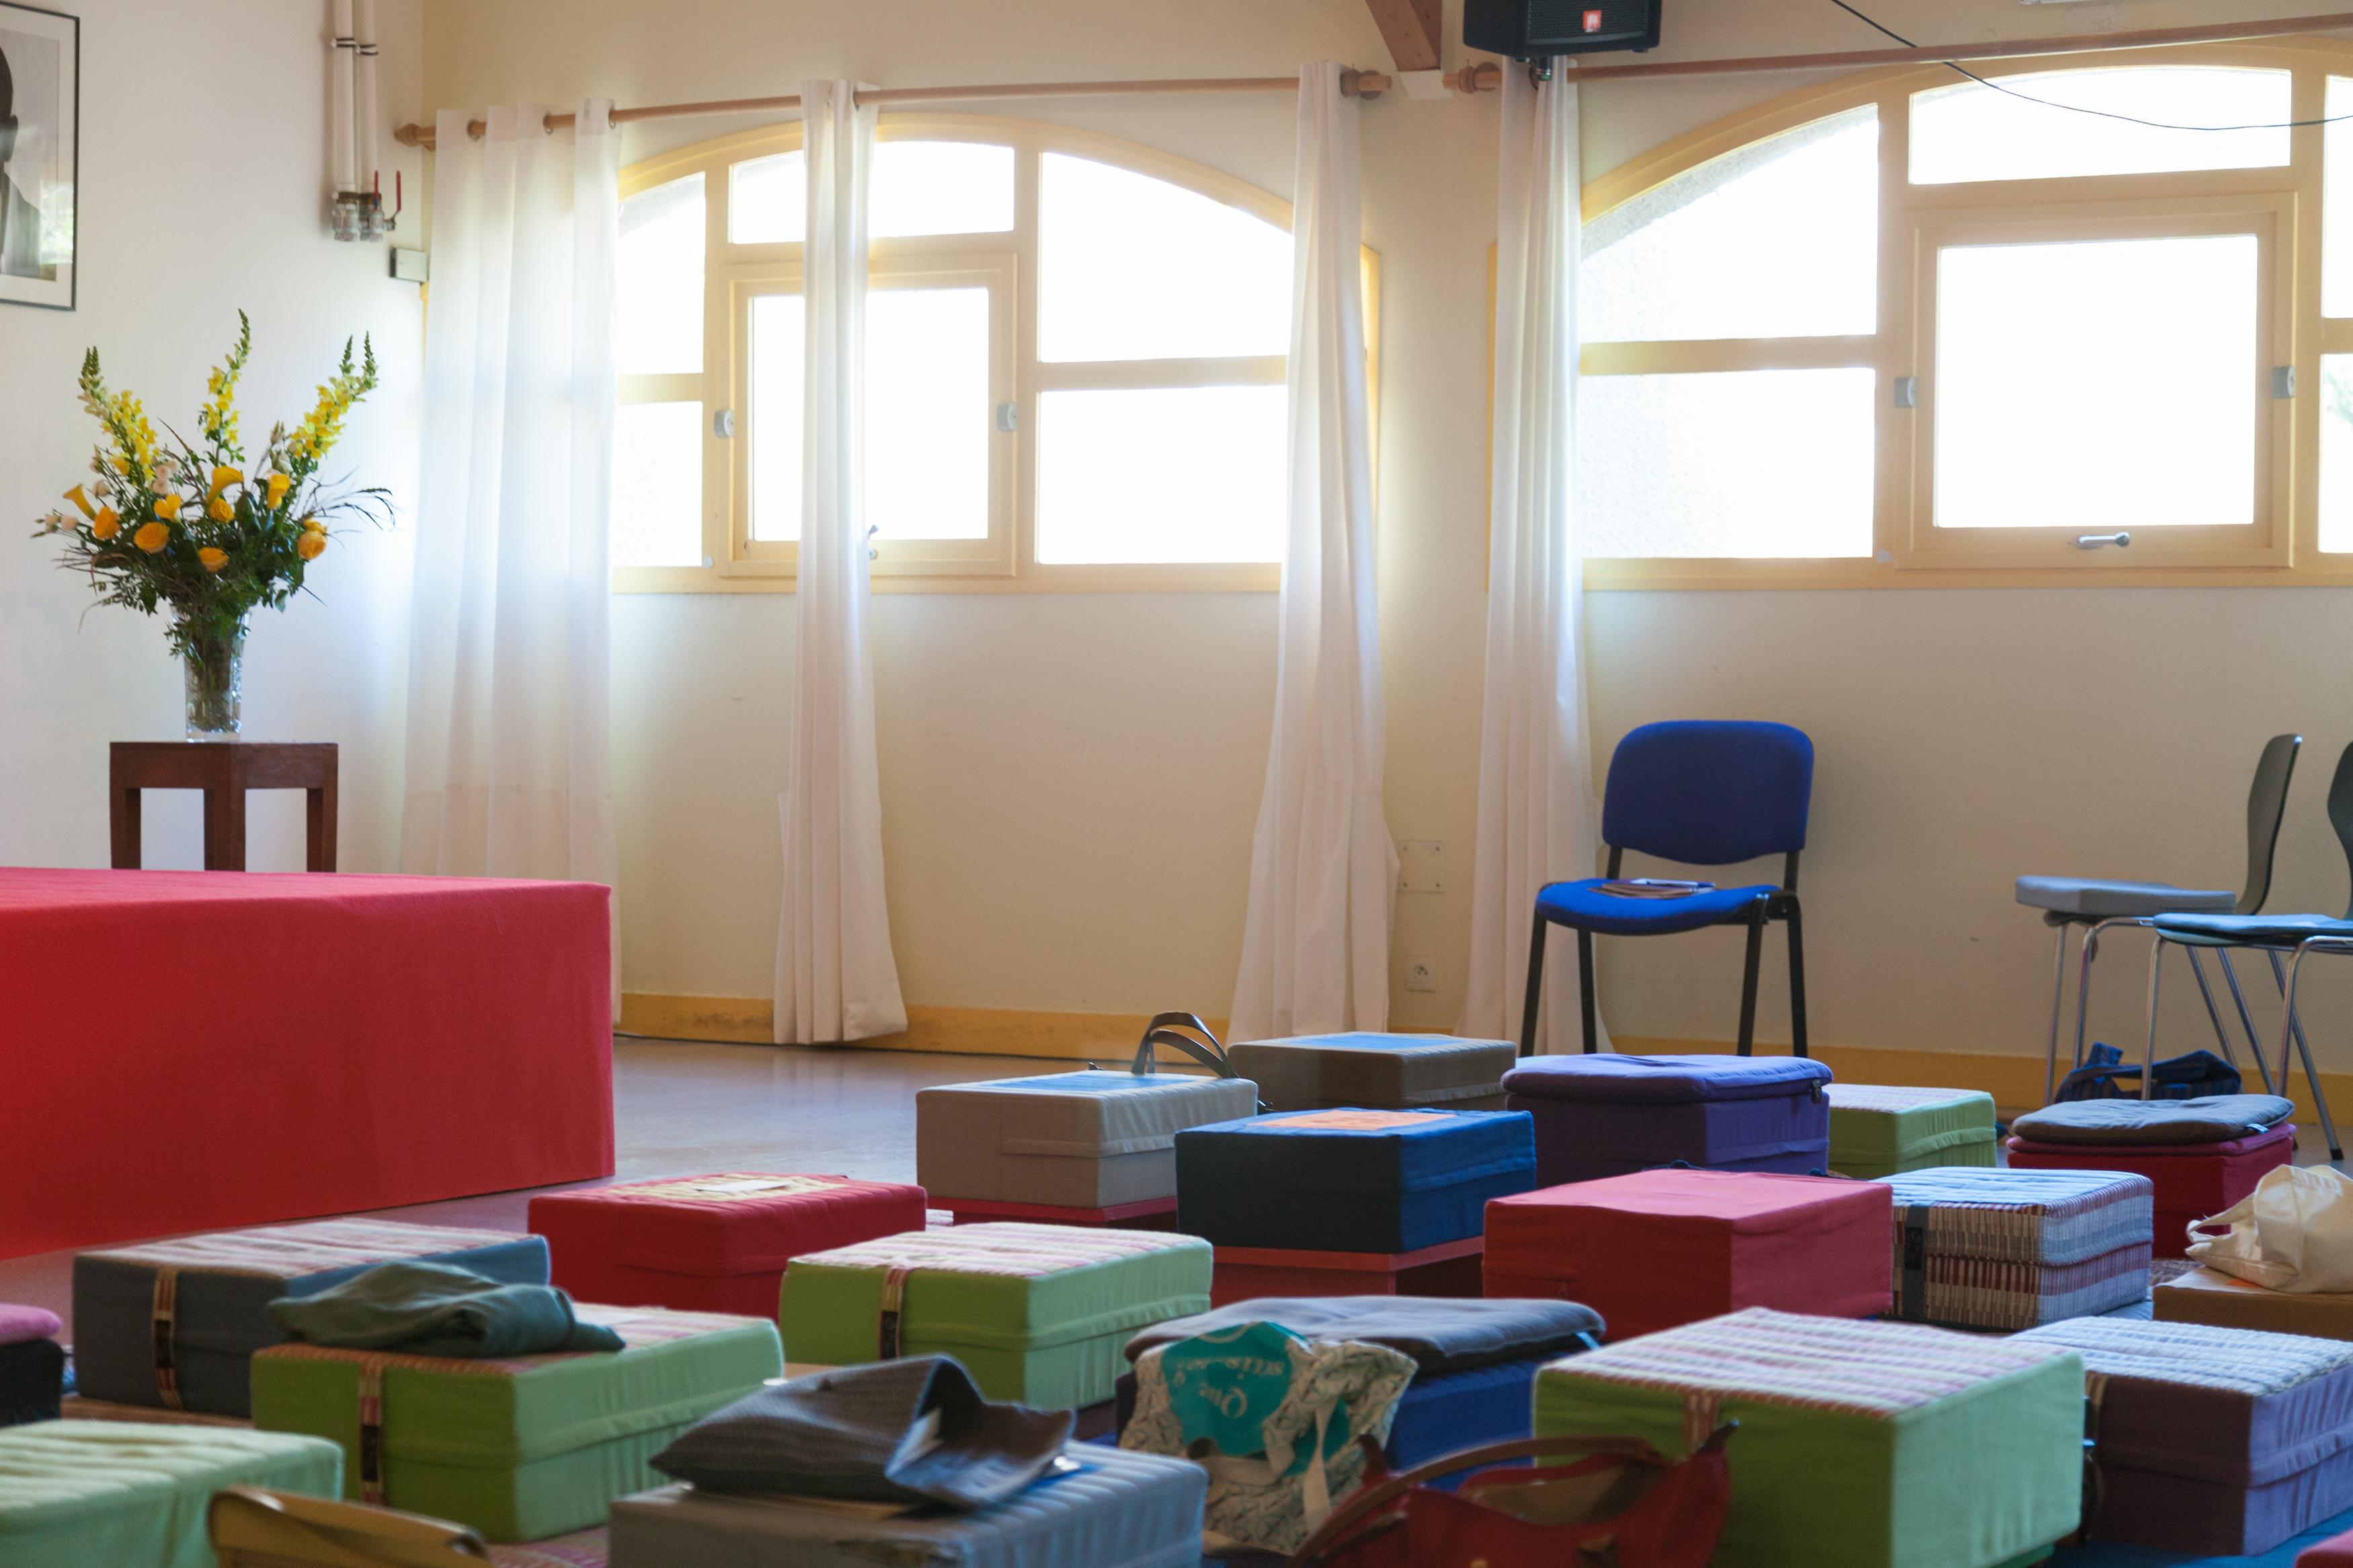 Décoration Salle De Méditation salle_de_pratique - École occidentale de méditation